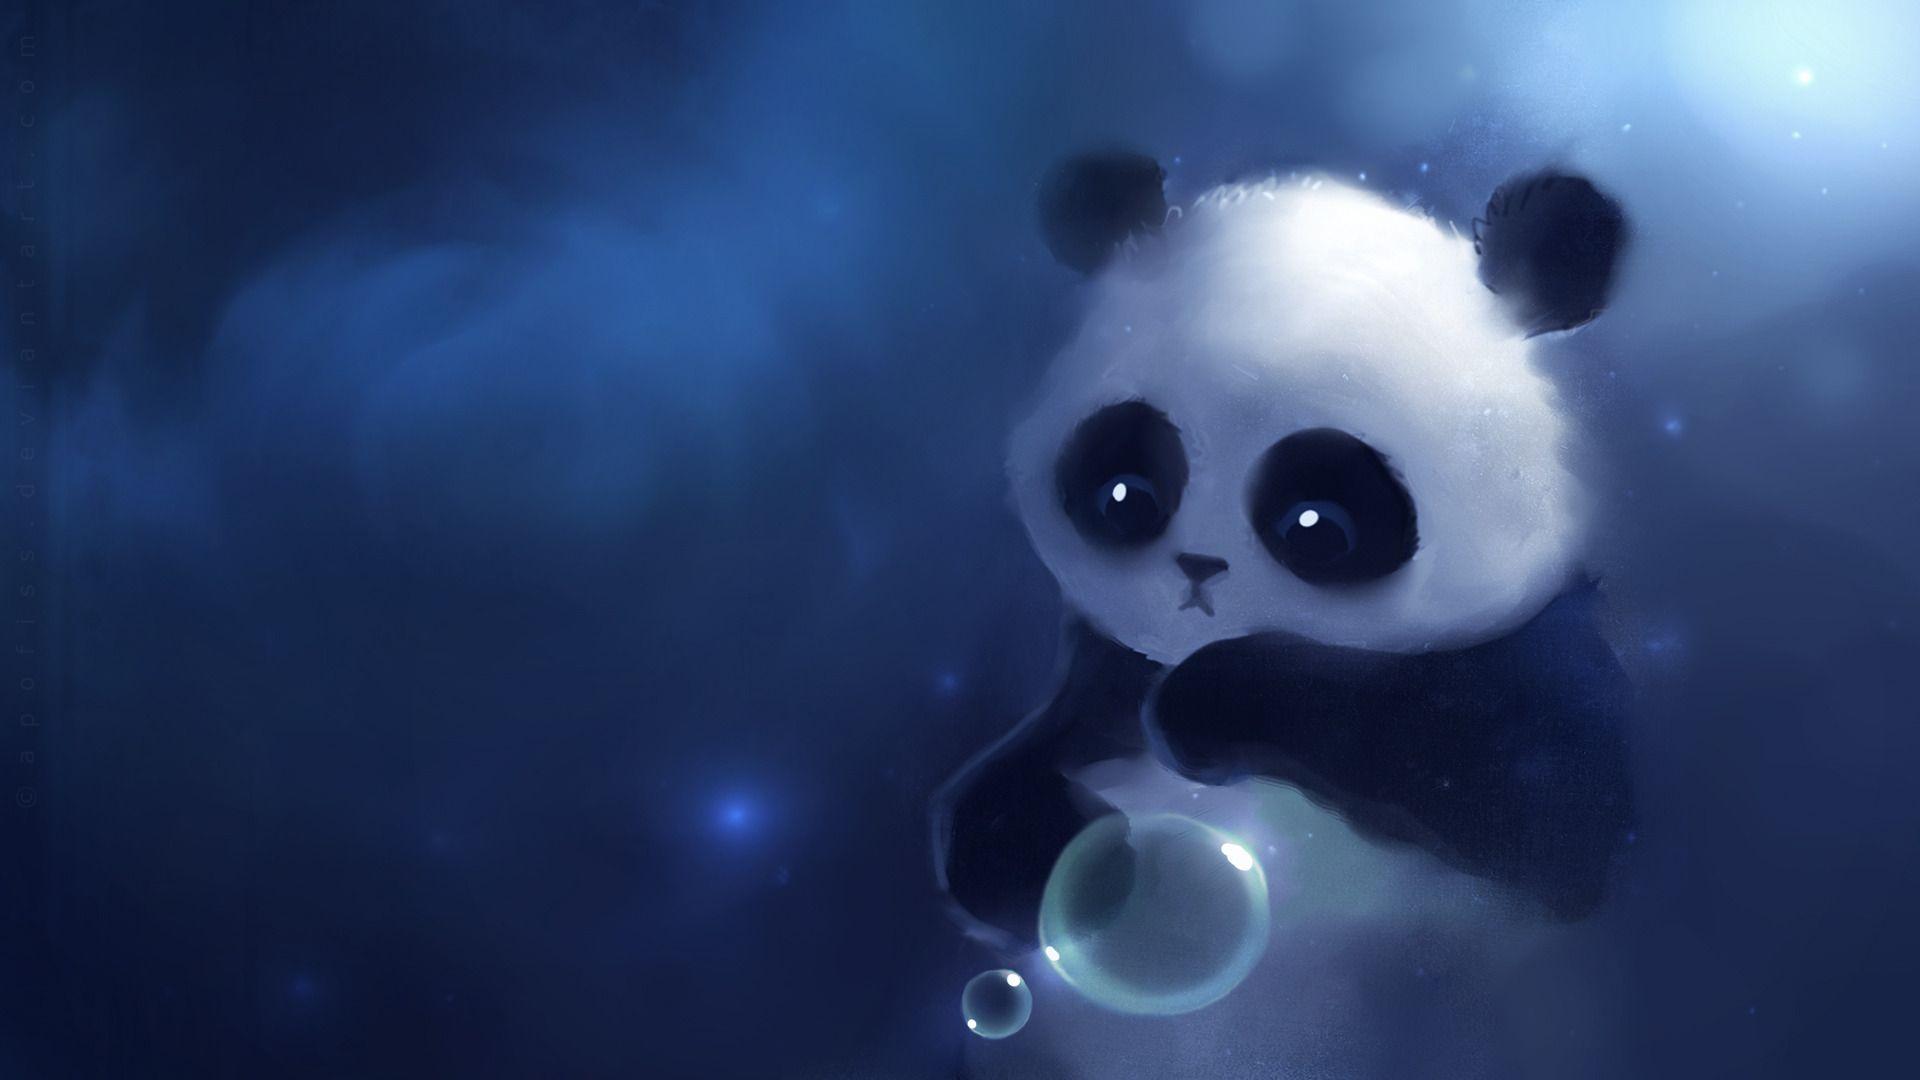 Kawaii Panda Wallpapers - Top Free Kawaii Panda Backgrounds - WallpaperAccess